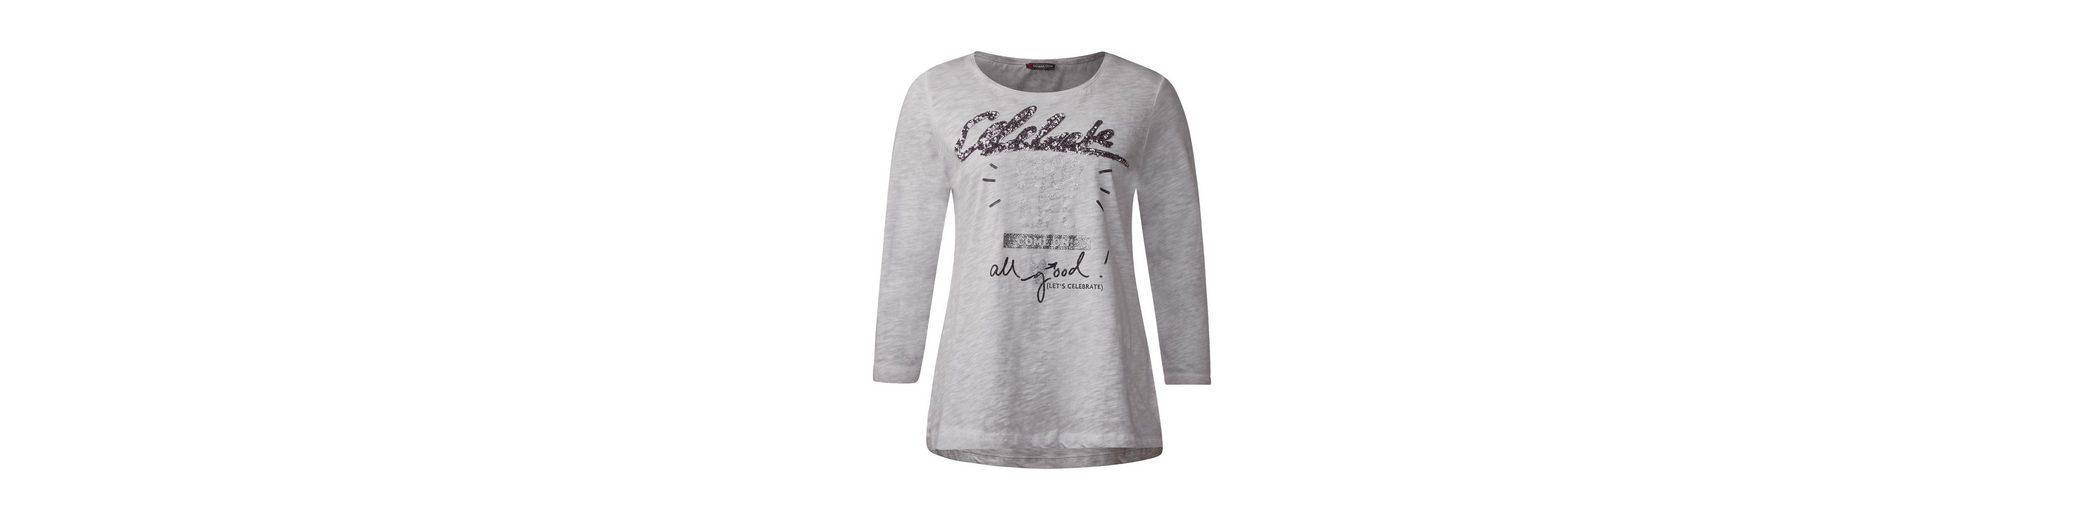 Steckdose Billig Finish Günstig Online Street One Shirt mit Glitzer Wording Wirklich Günstig Online Billig Verkauf Für Schön Factory Outlet Günstig Online 2RXrv35W